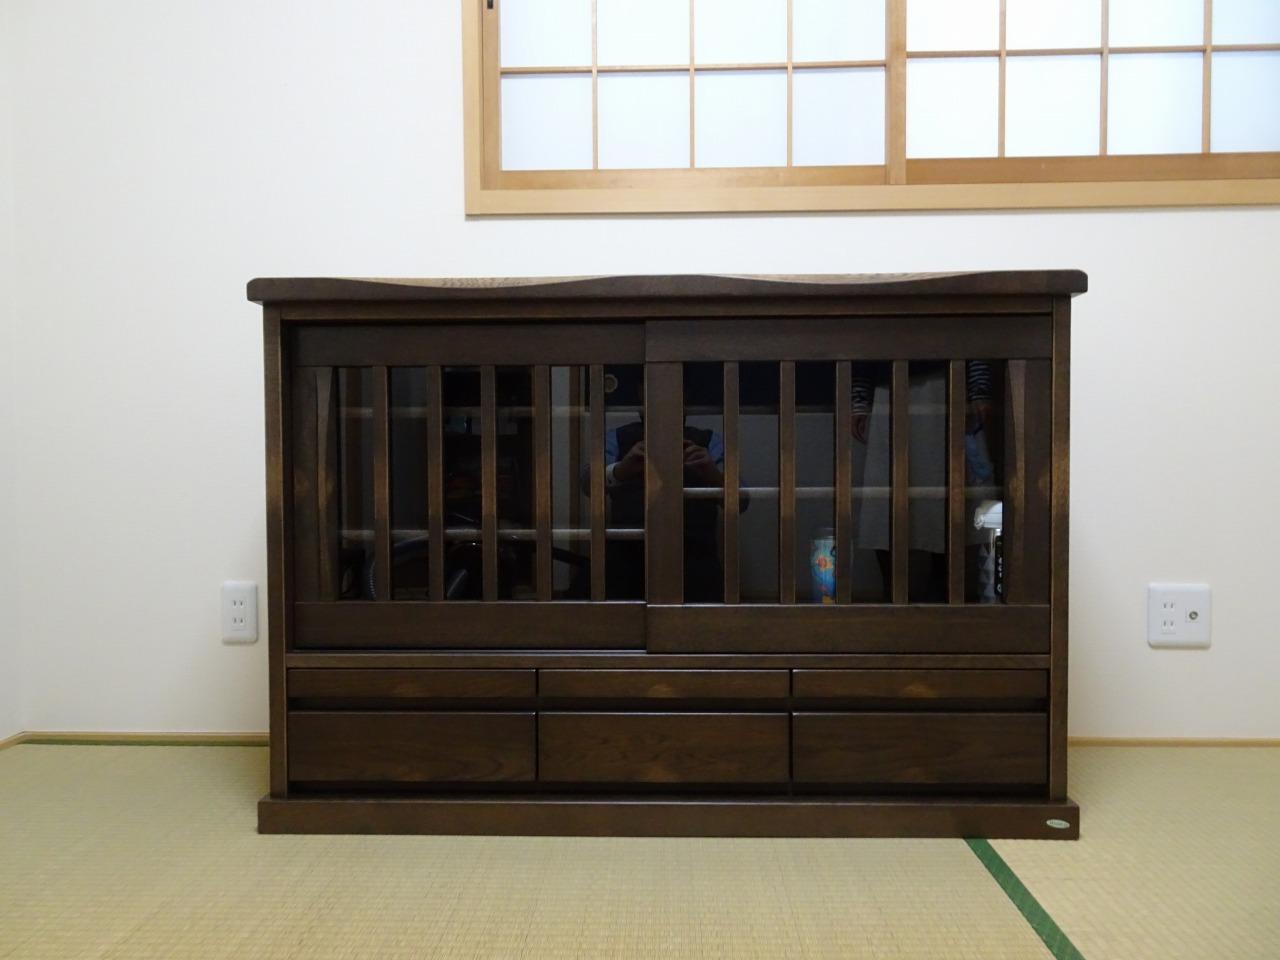 イバタインテリアの木楽のサイドボードをお届けいたしました。